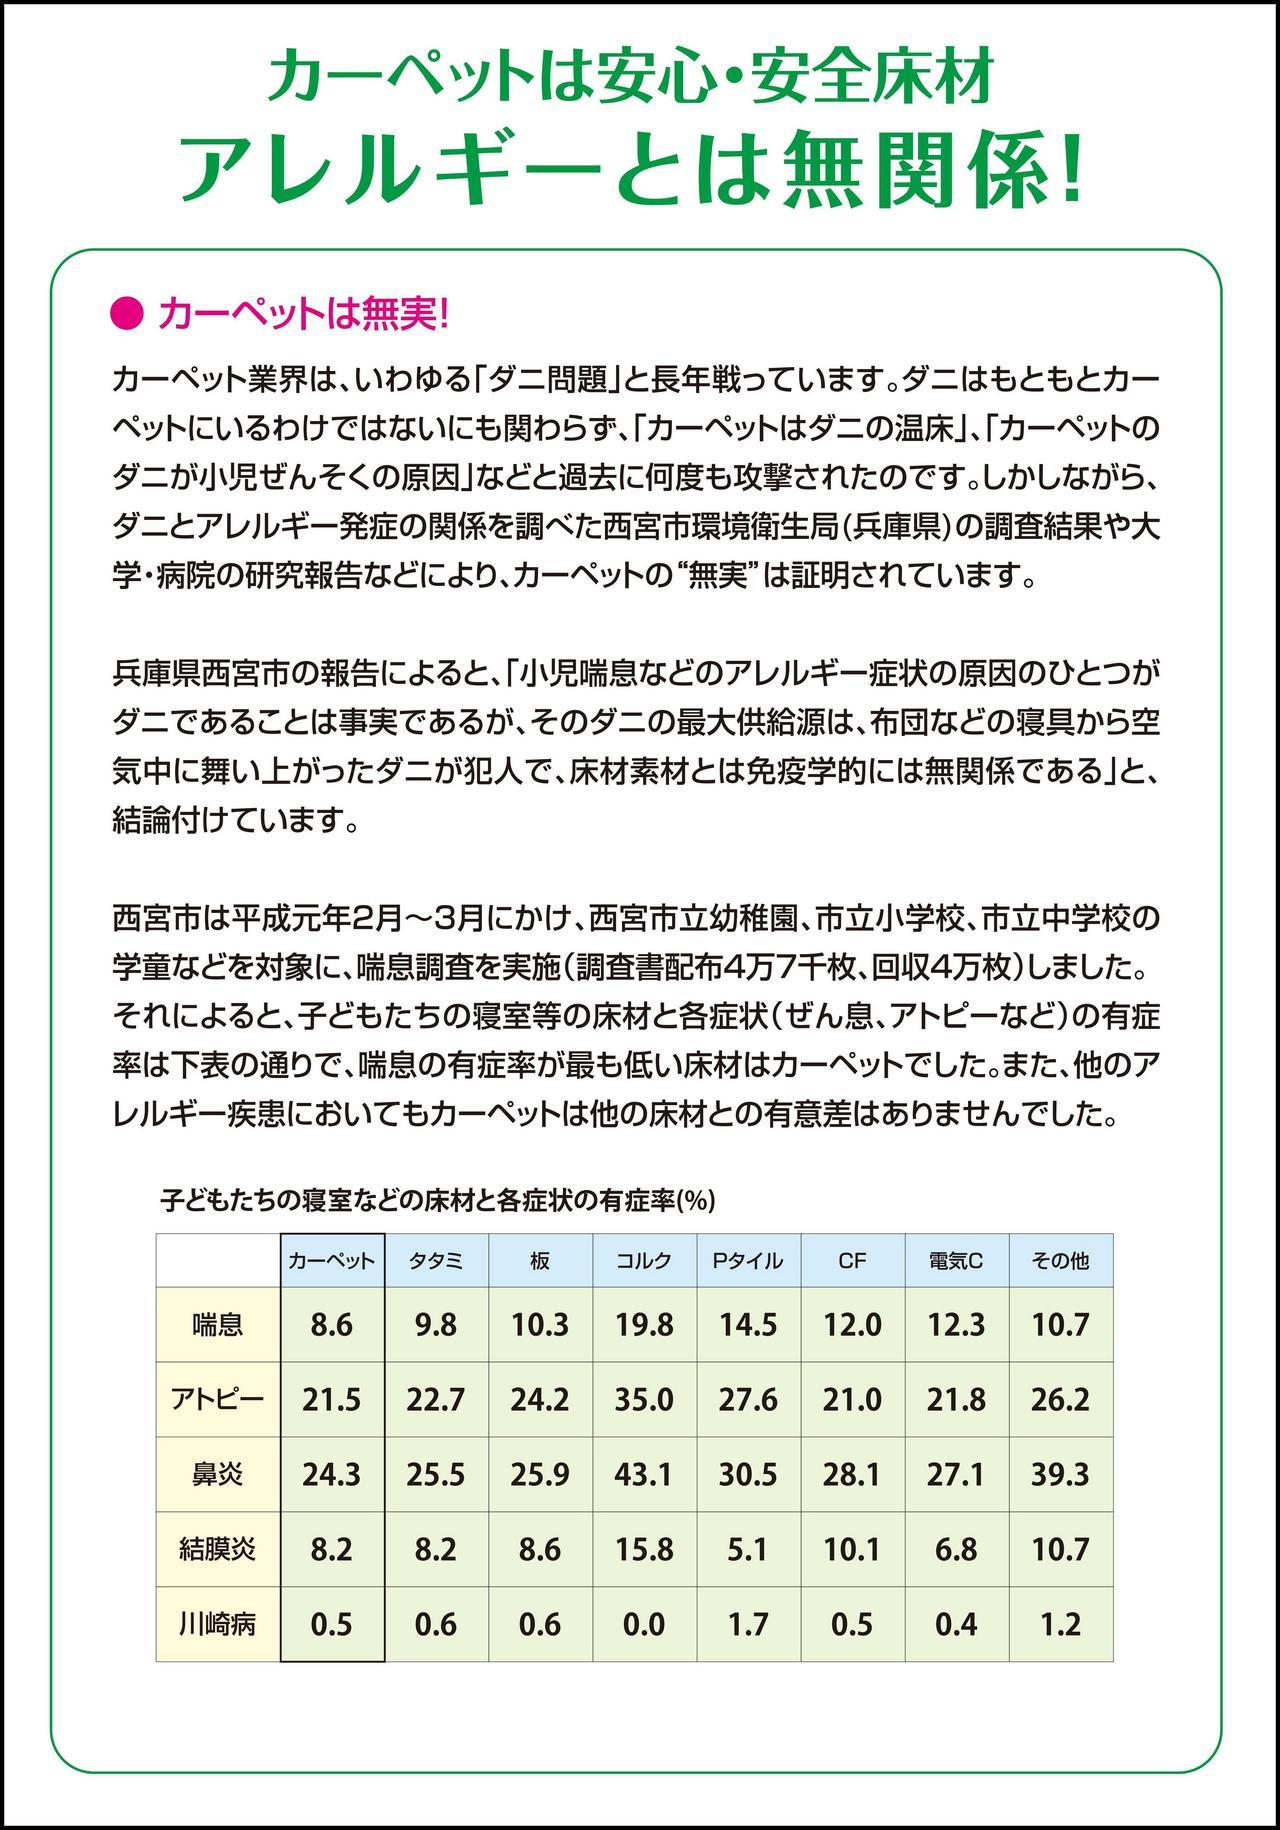 住宅用床材ごとの有症率 日本カーペット工業組合資料